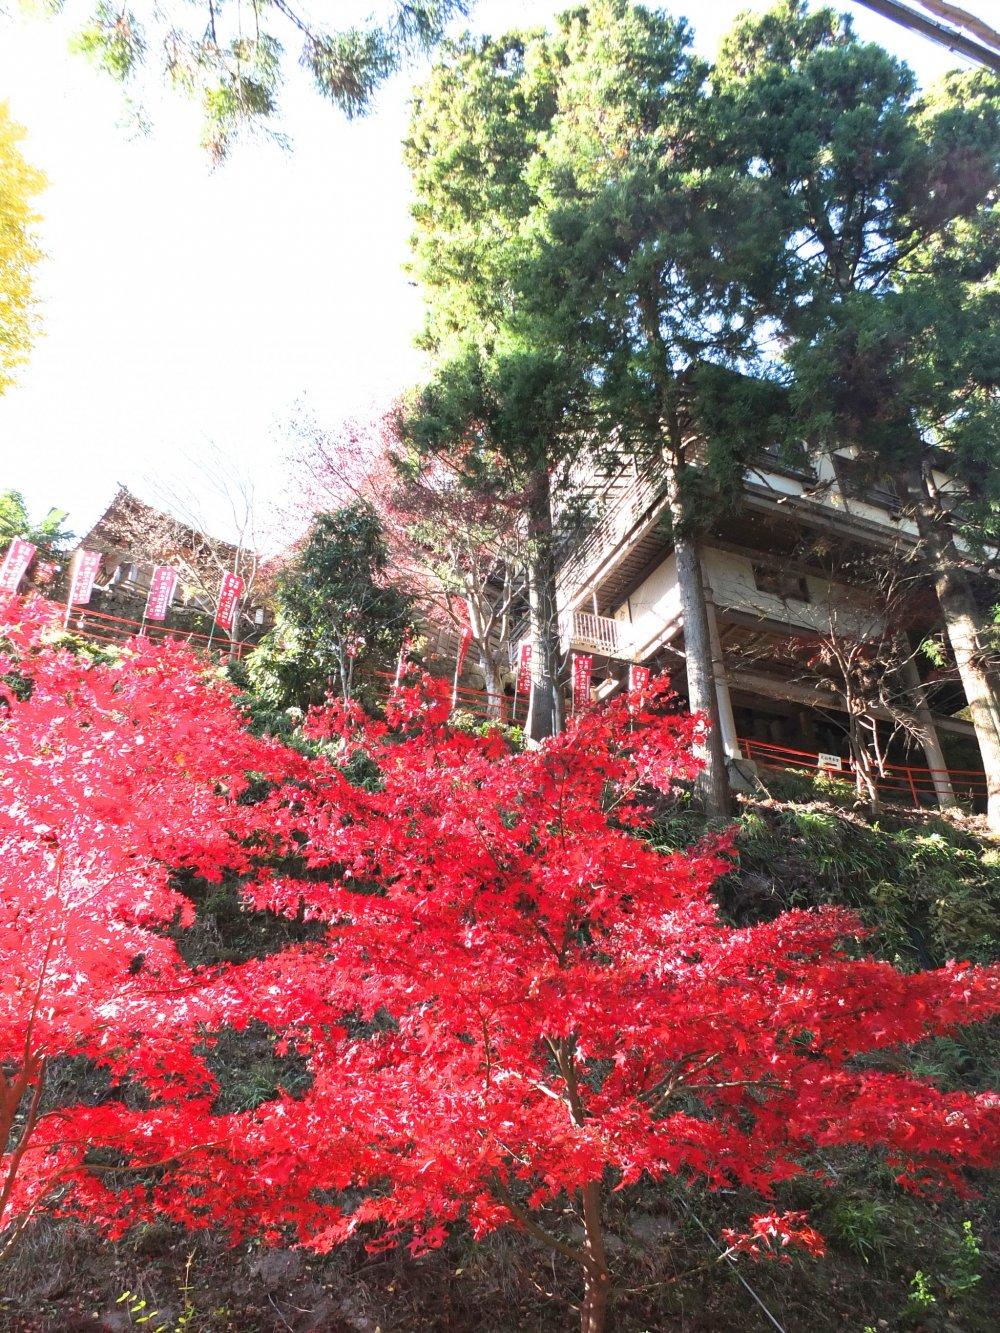 Looking up atOyamaTemple on a beautiful autumn day